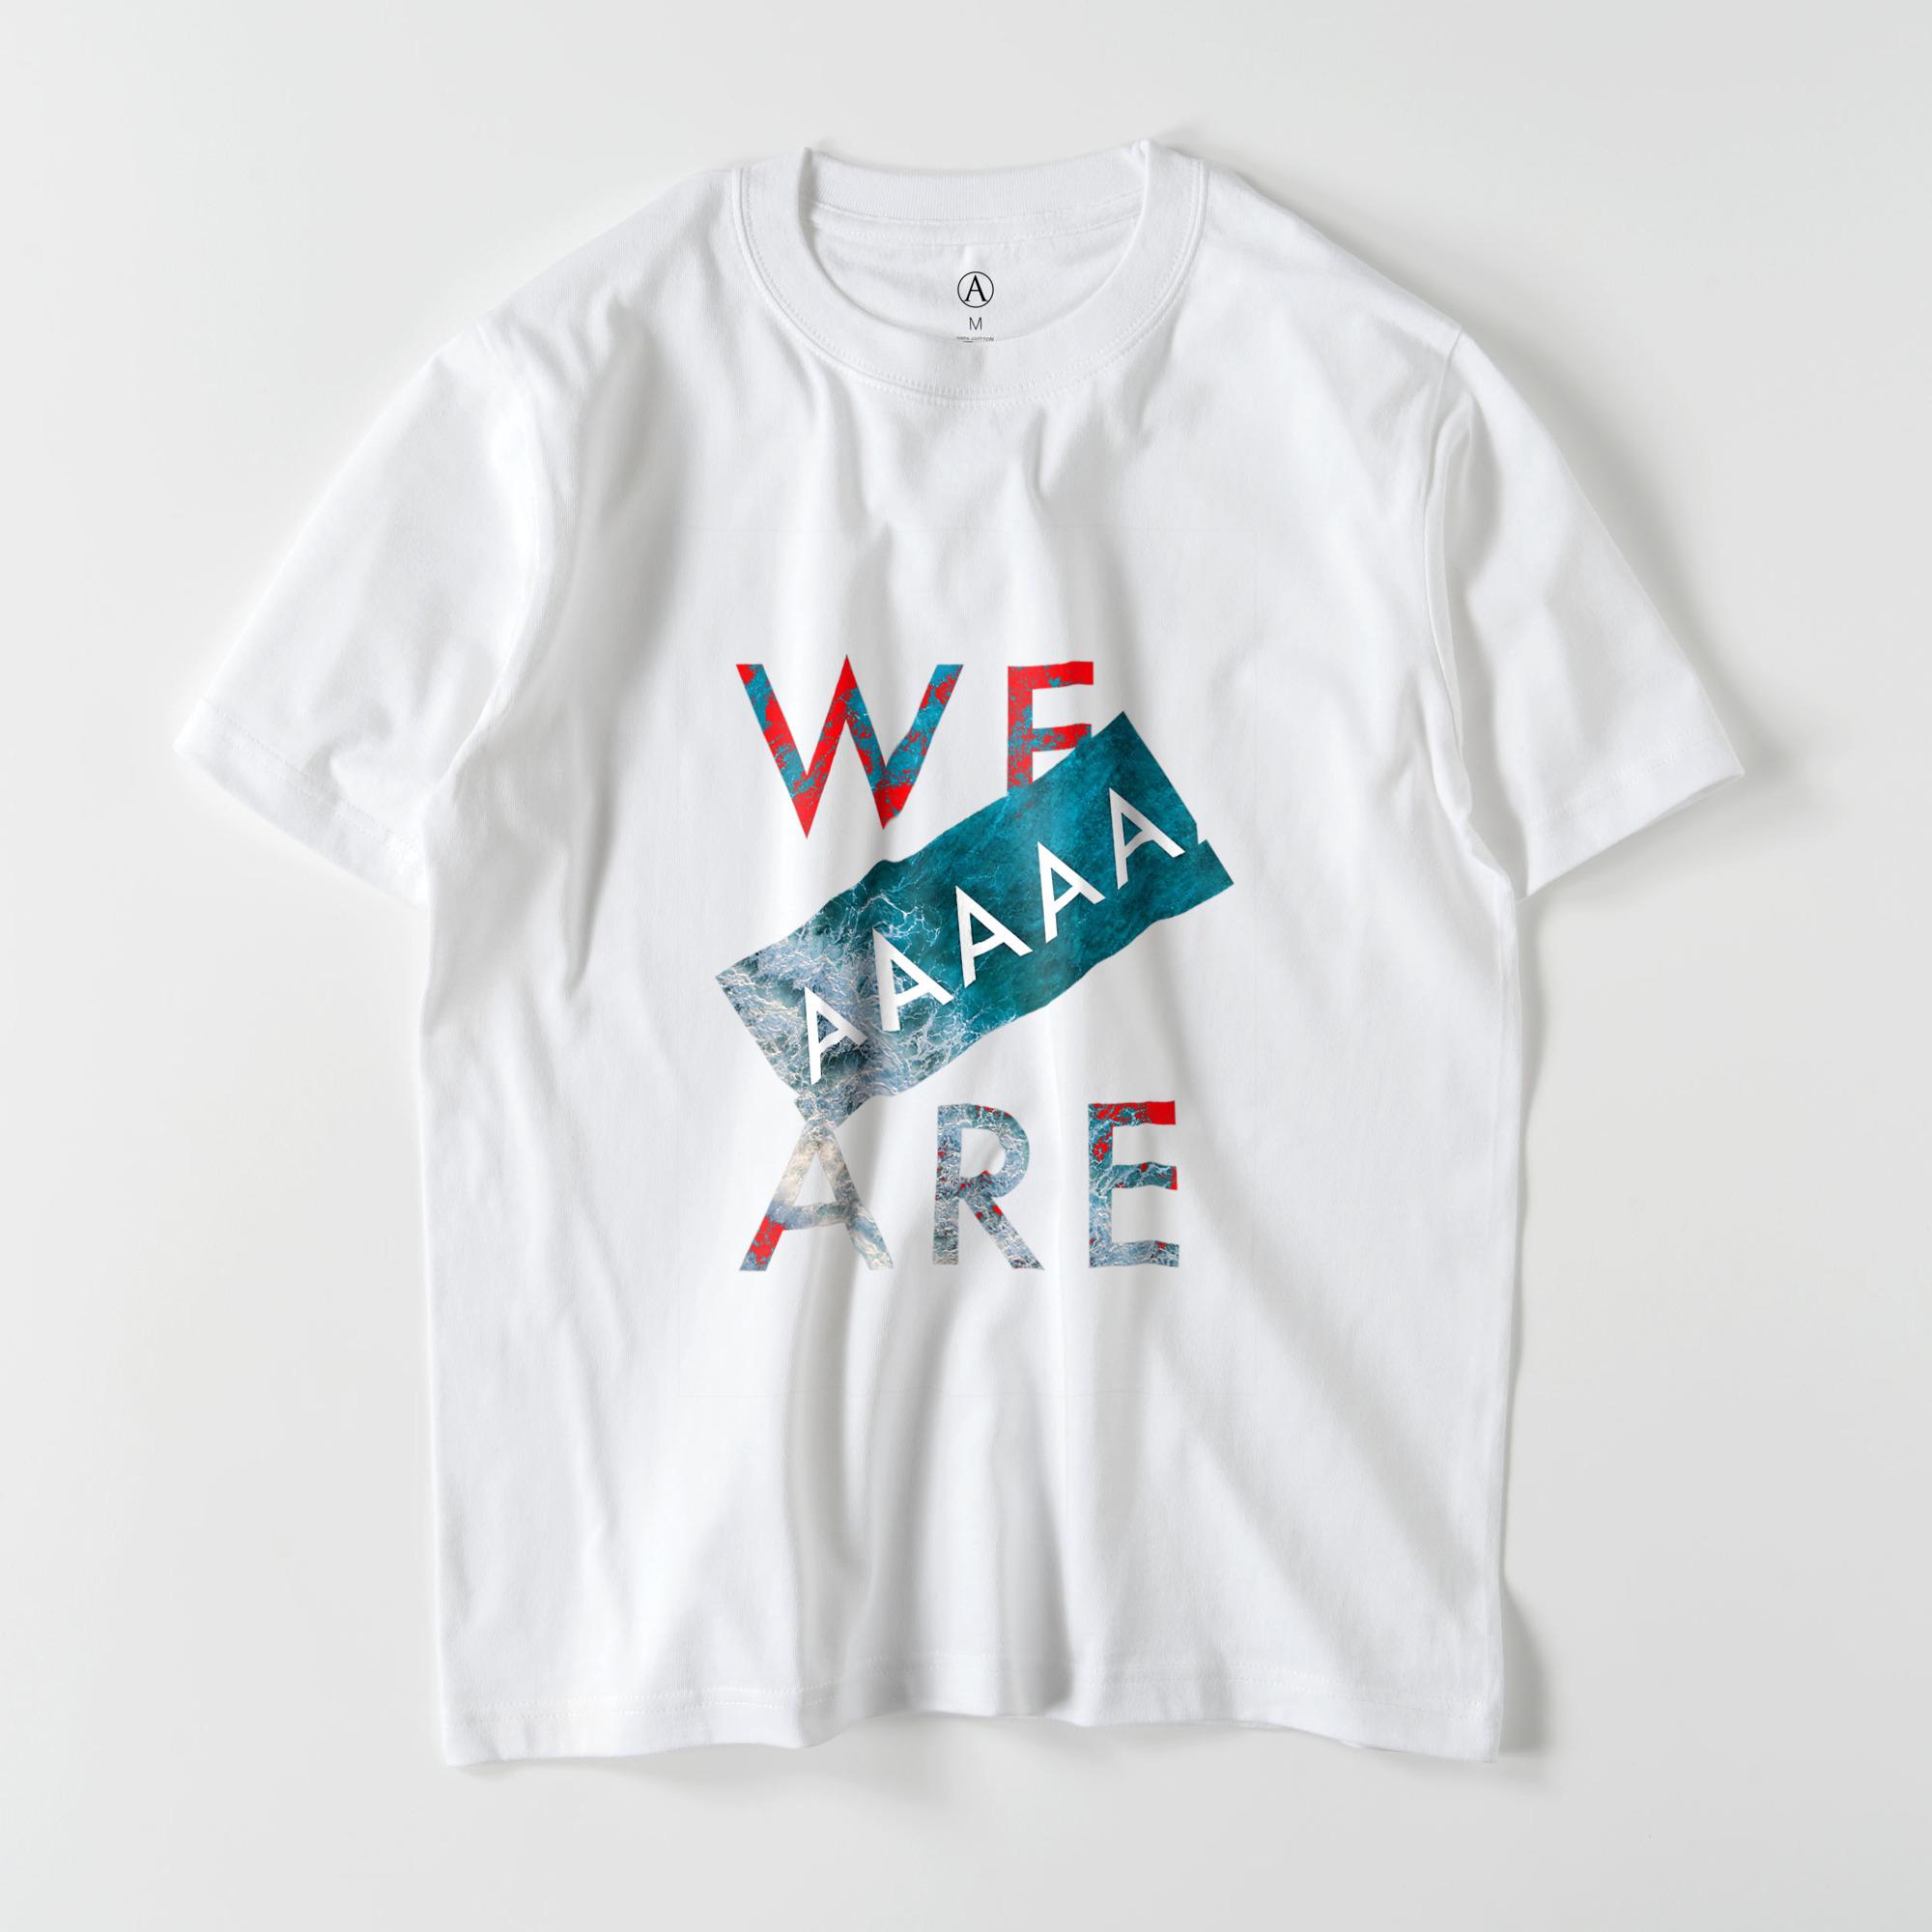 We are AAAAA スタンダードTシャツ /Mens(11色)